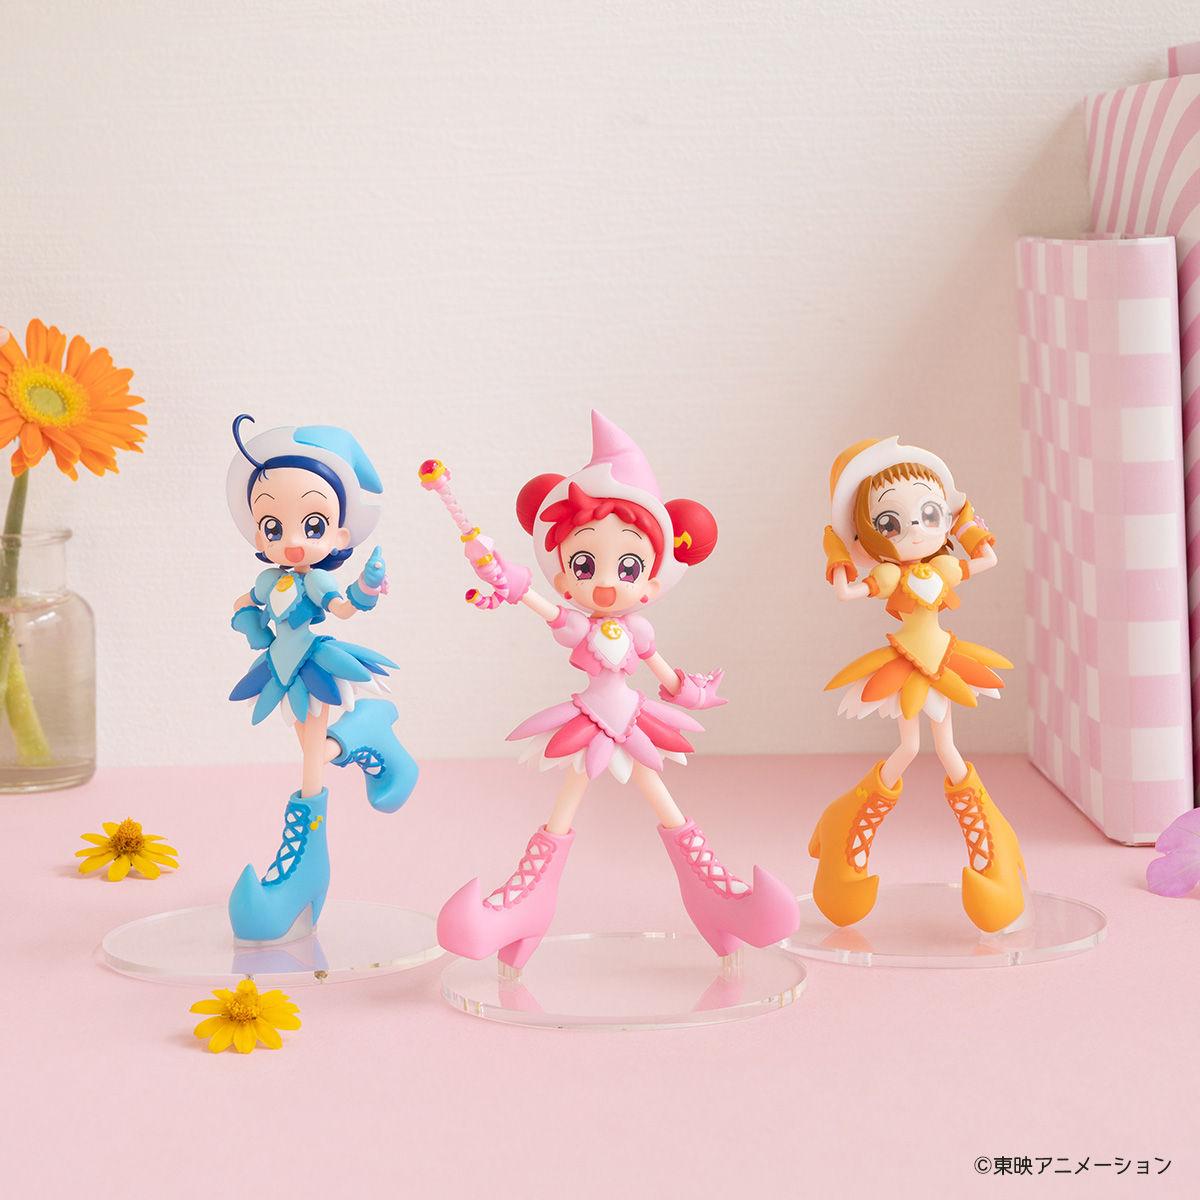 【限定販売】HG GIRLS『おジャ魔女どれみセット』3体セット-008